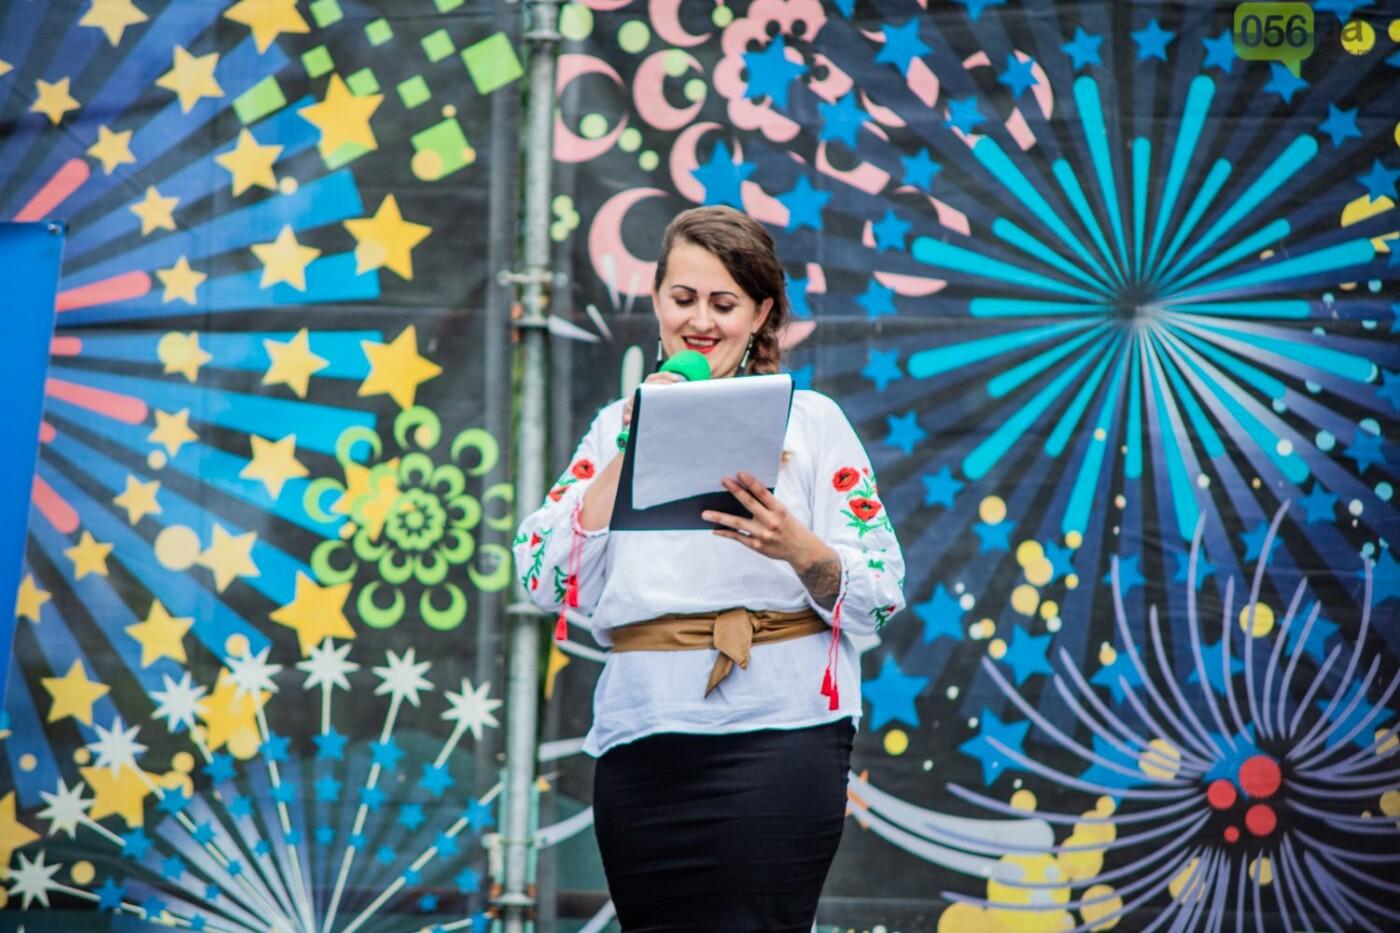 В Днепре устроили красочный флешмоб ко Дню Конституции, - ФОТОРЕПОРТАЖ, фото-7